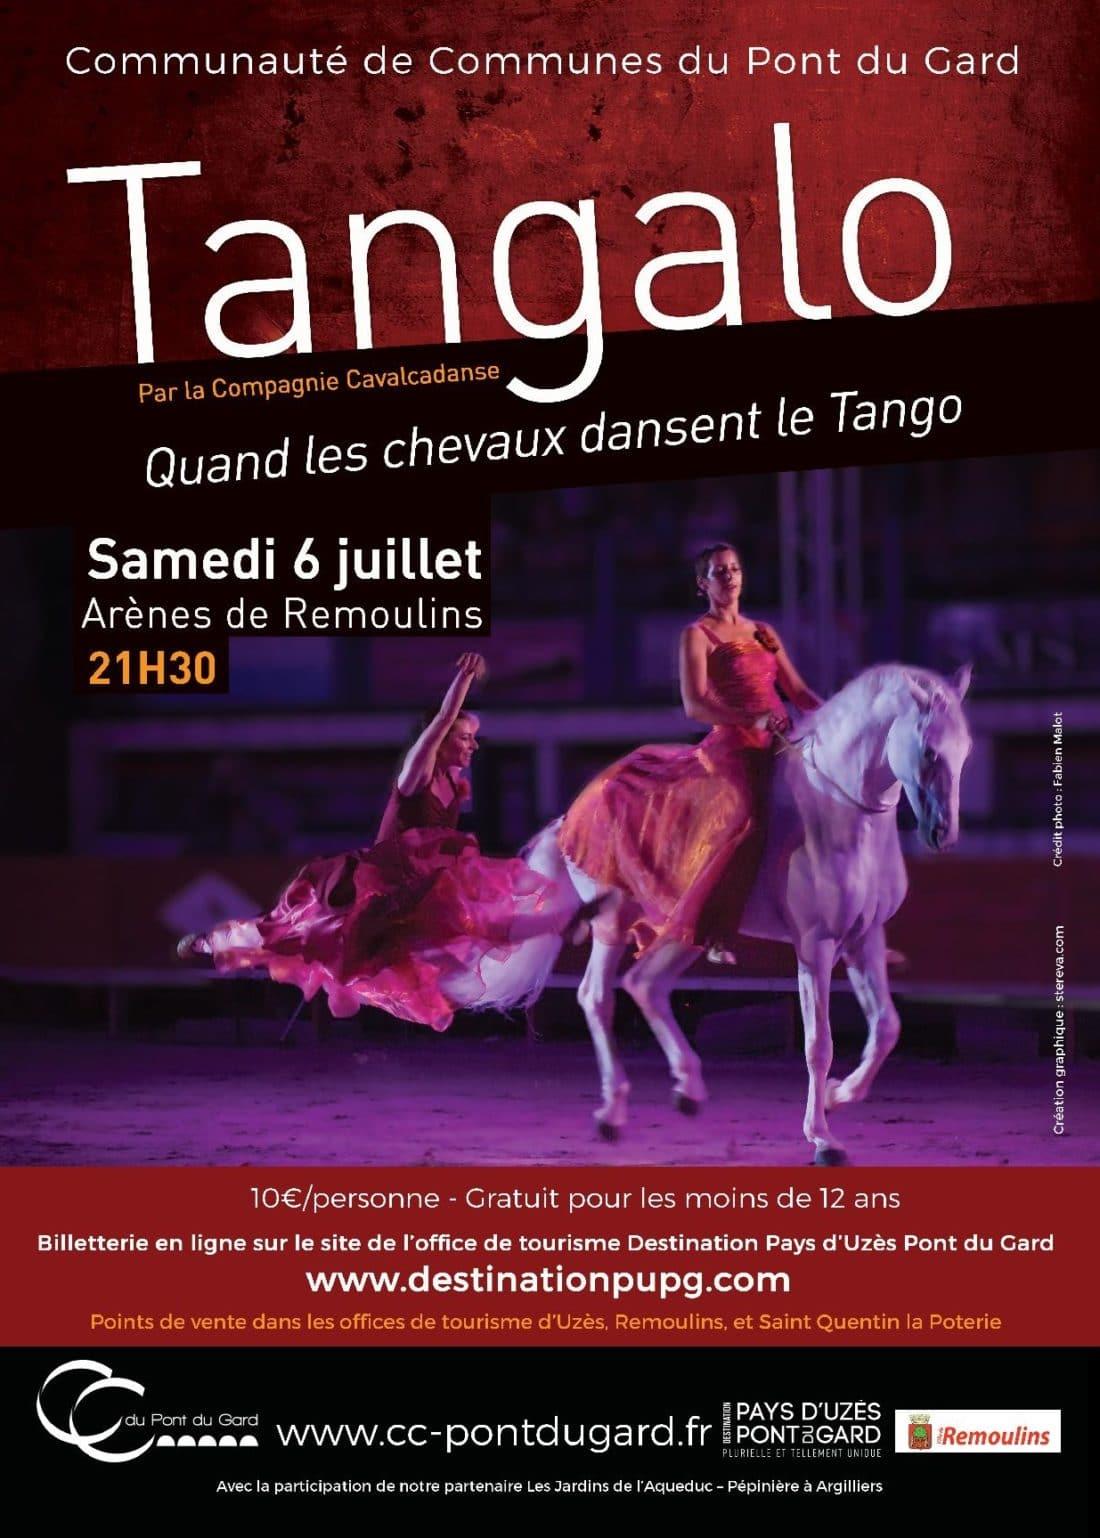 Tangalo, quand les chevaux dansent le tango